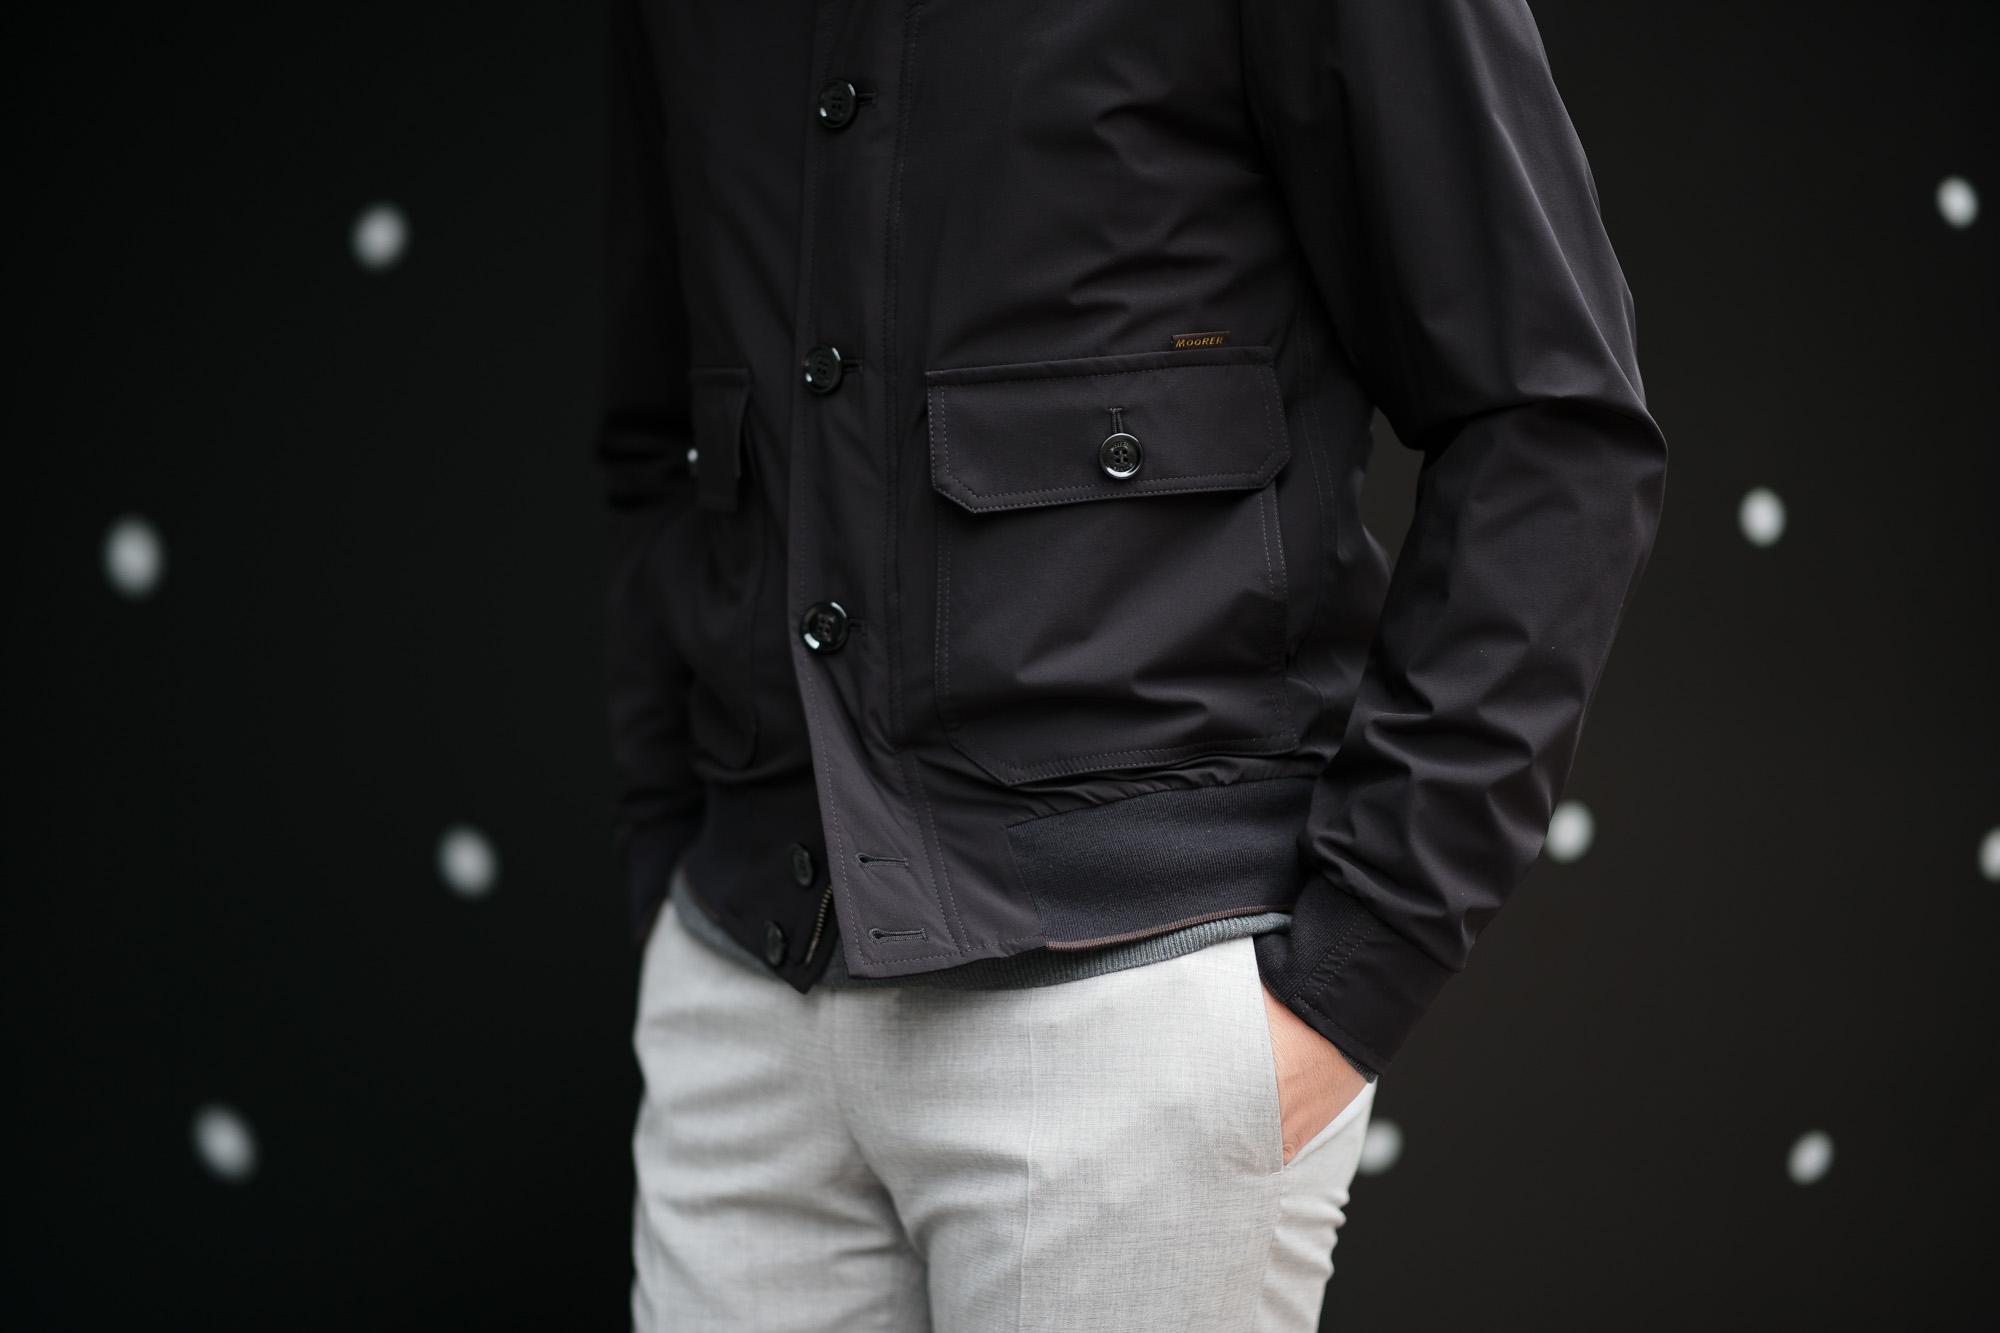 MOORER (ムーレー) CARLOS-KN (カルロス) ストレッチナイロン ヴァルスタージャケット NERO (ブラック) Made in italy (イタリア製) 2019 春夏新作 ミリタリージャケット 愛知 名古屋 altoediritto-アルトエデリット